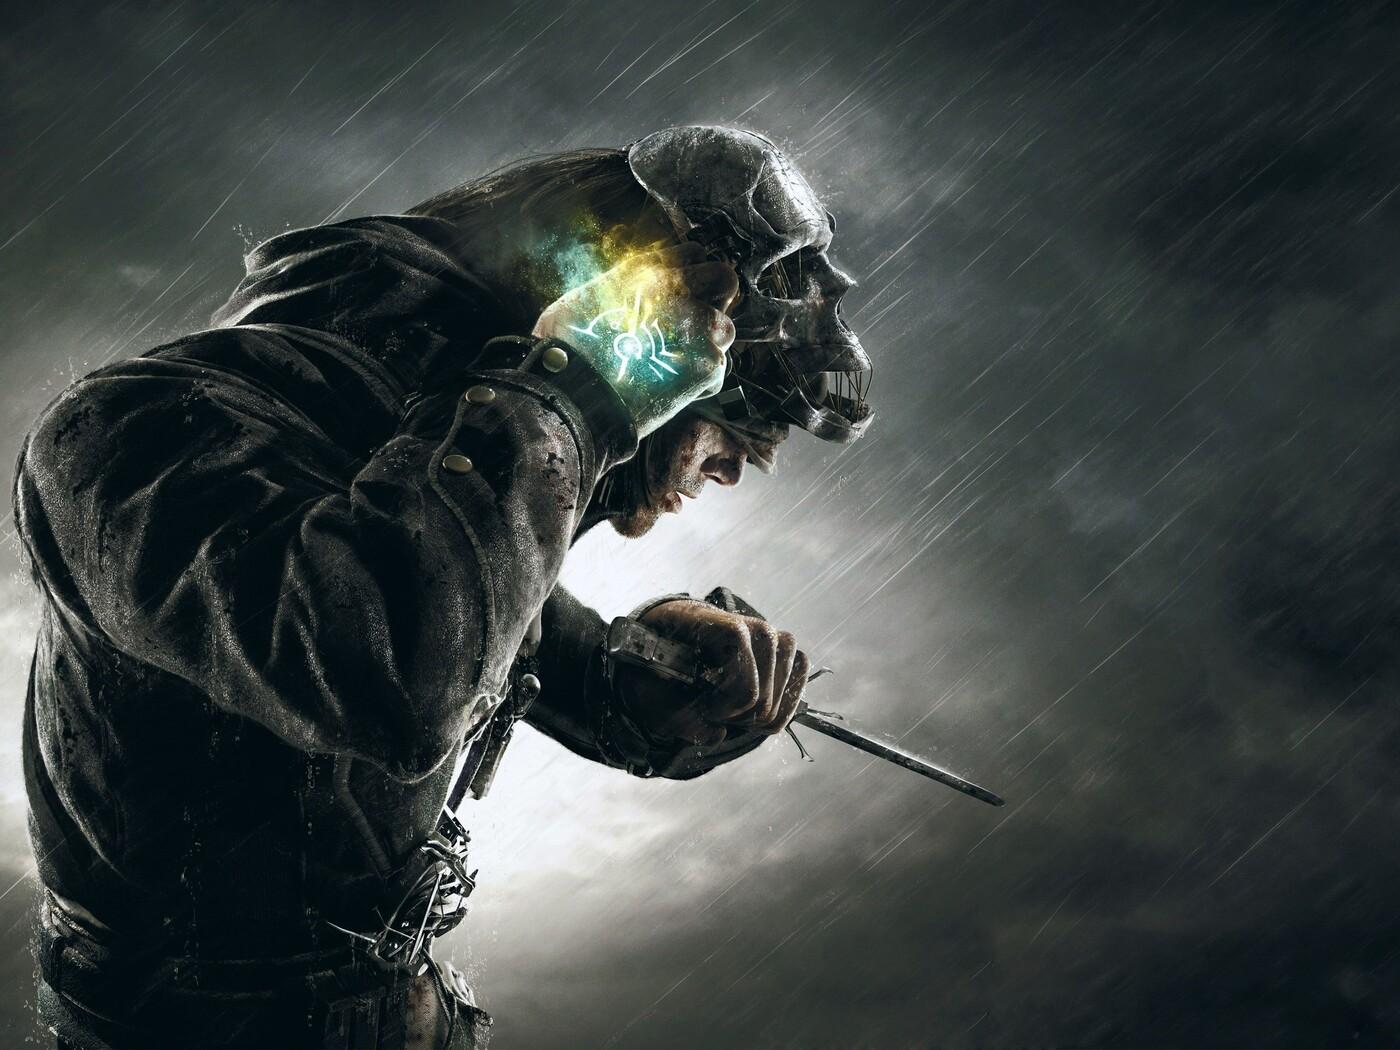 dishonored-corvo-skull-mask.jpg